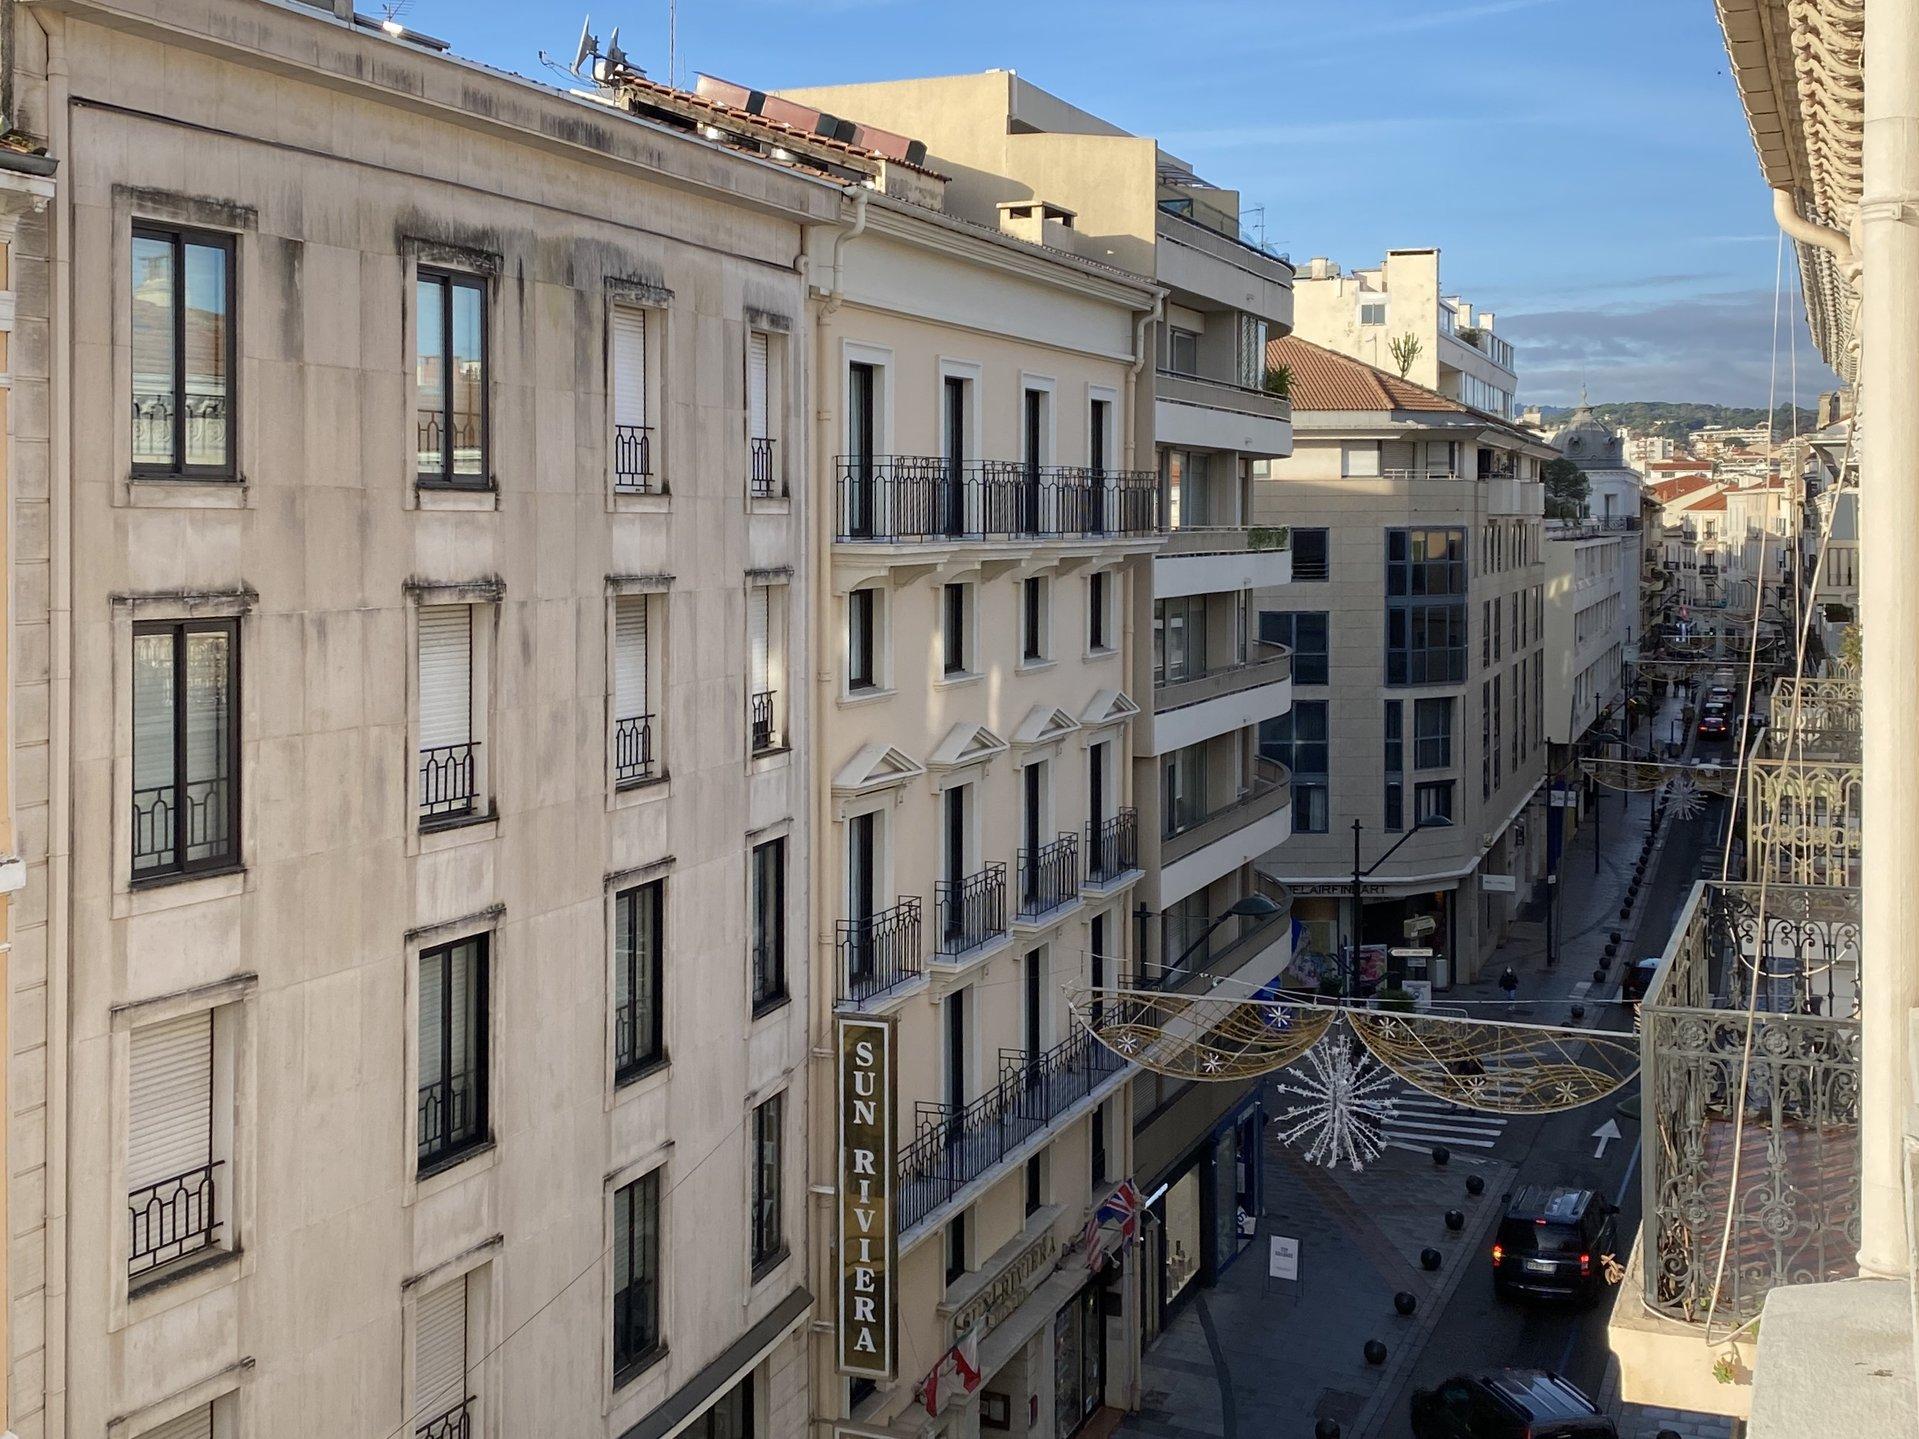 A vendre - Appartement bourgeois 5 pièces à rénover - rue d'Antibes à Cannes